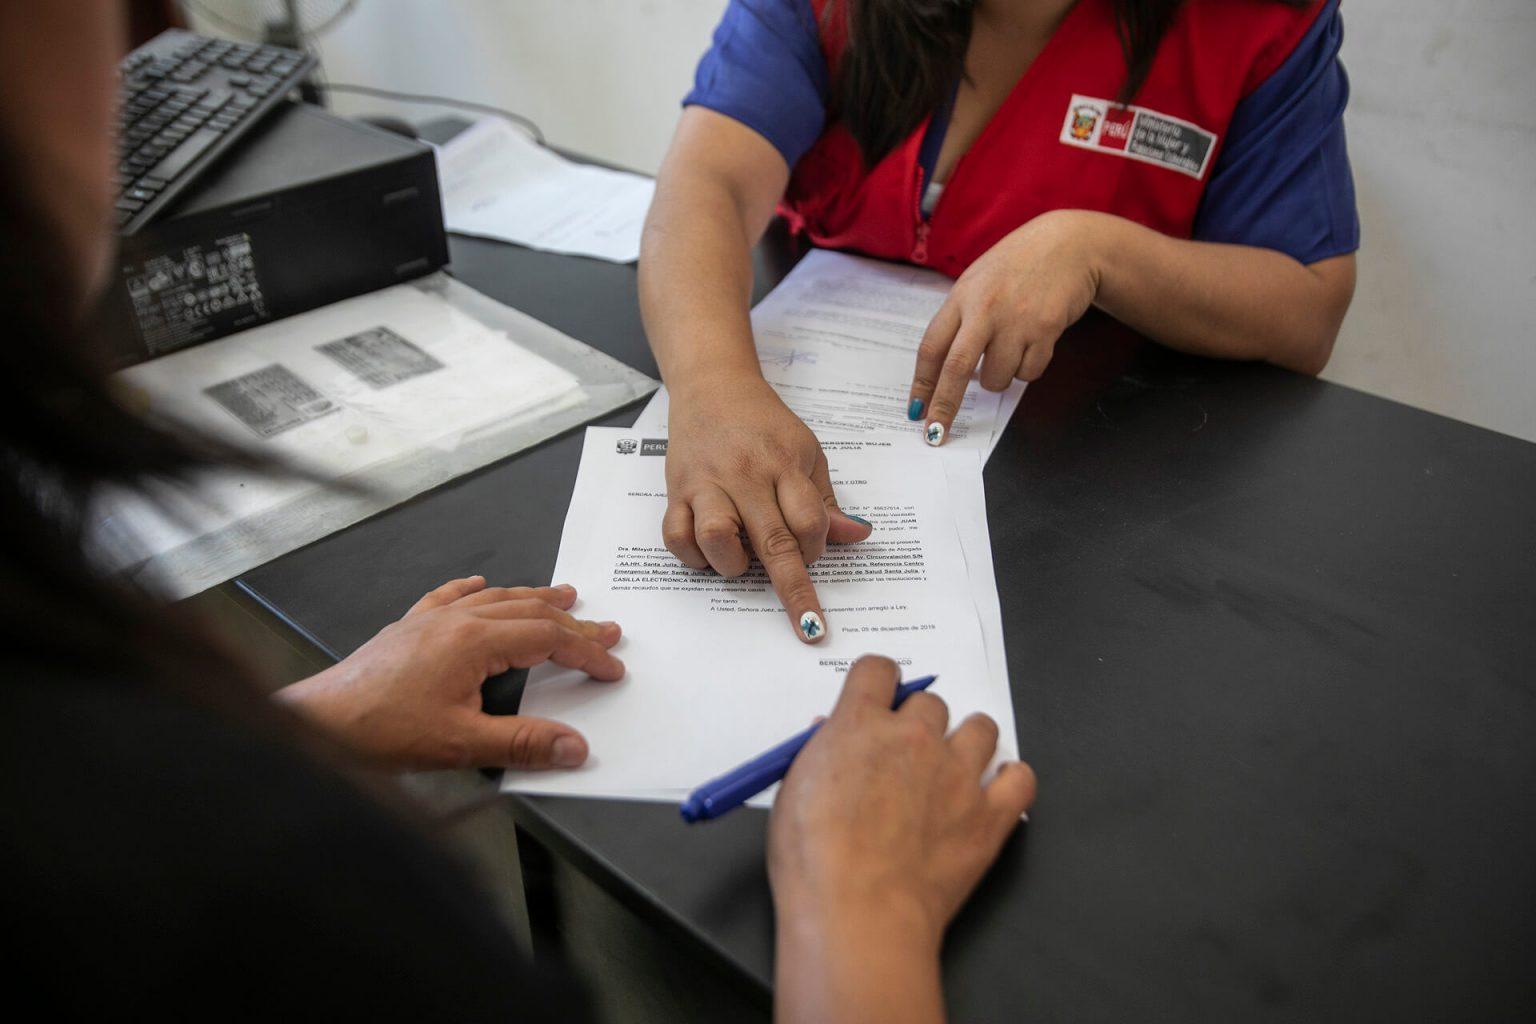 Los servicios esenciales incluyen apoyo psicosocial y legal.